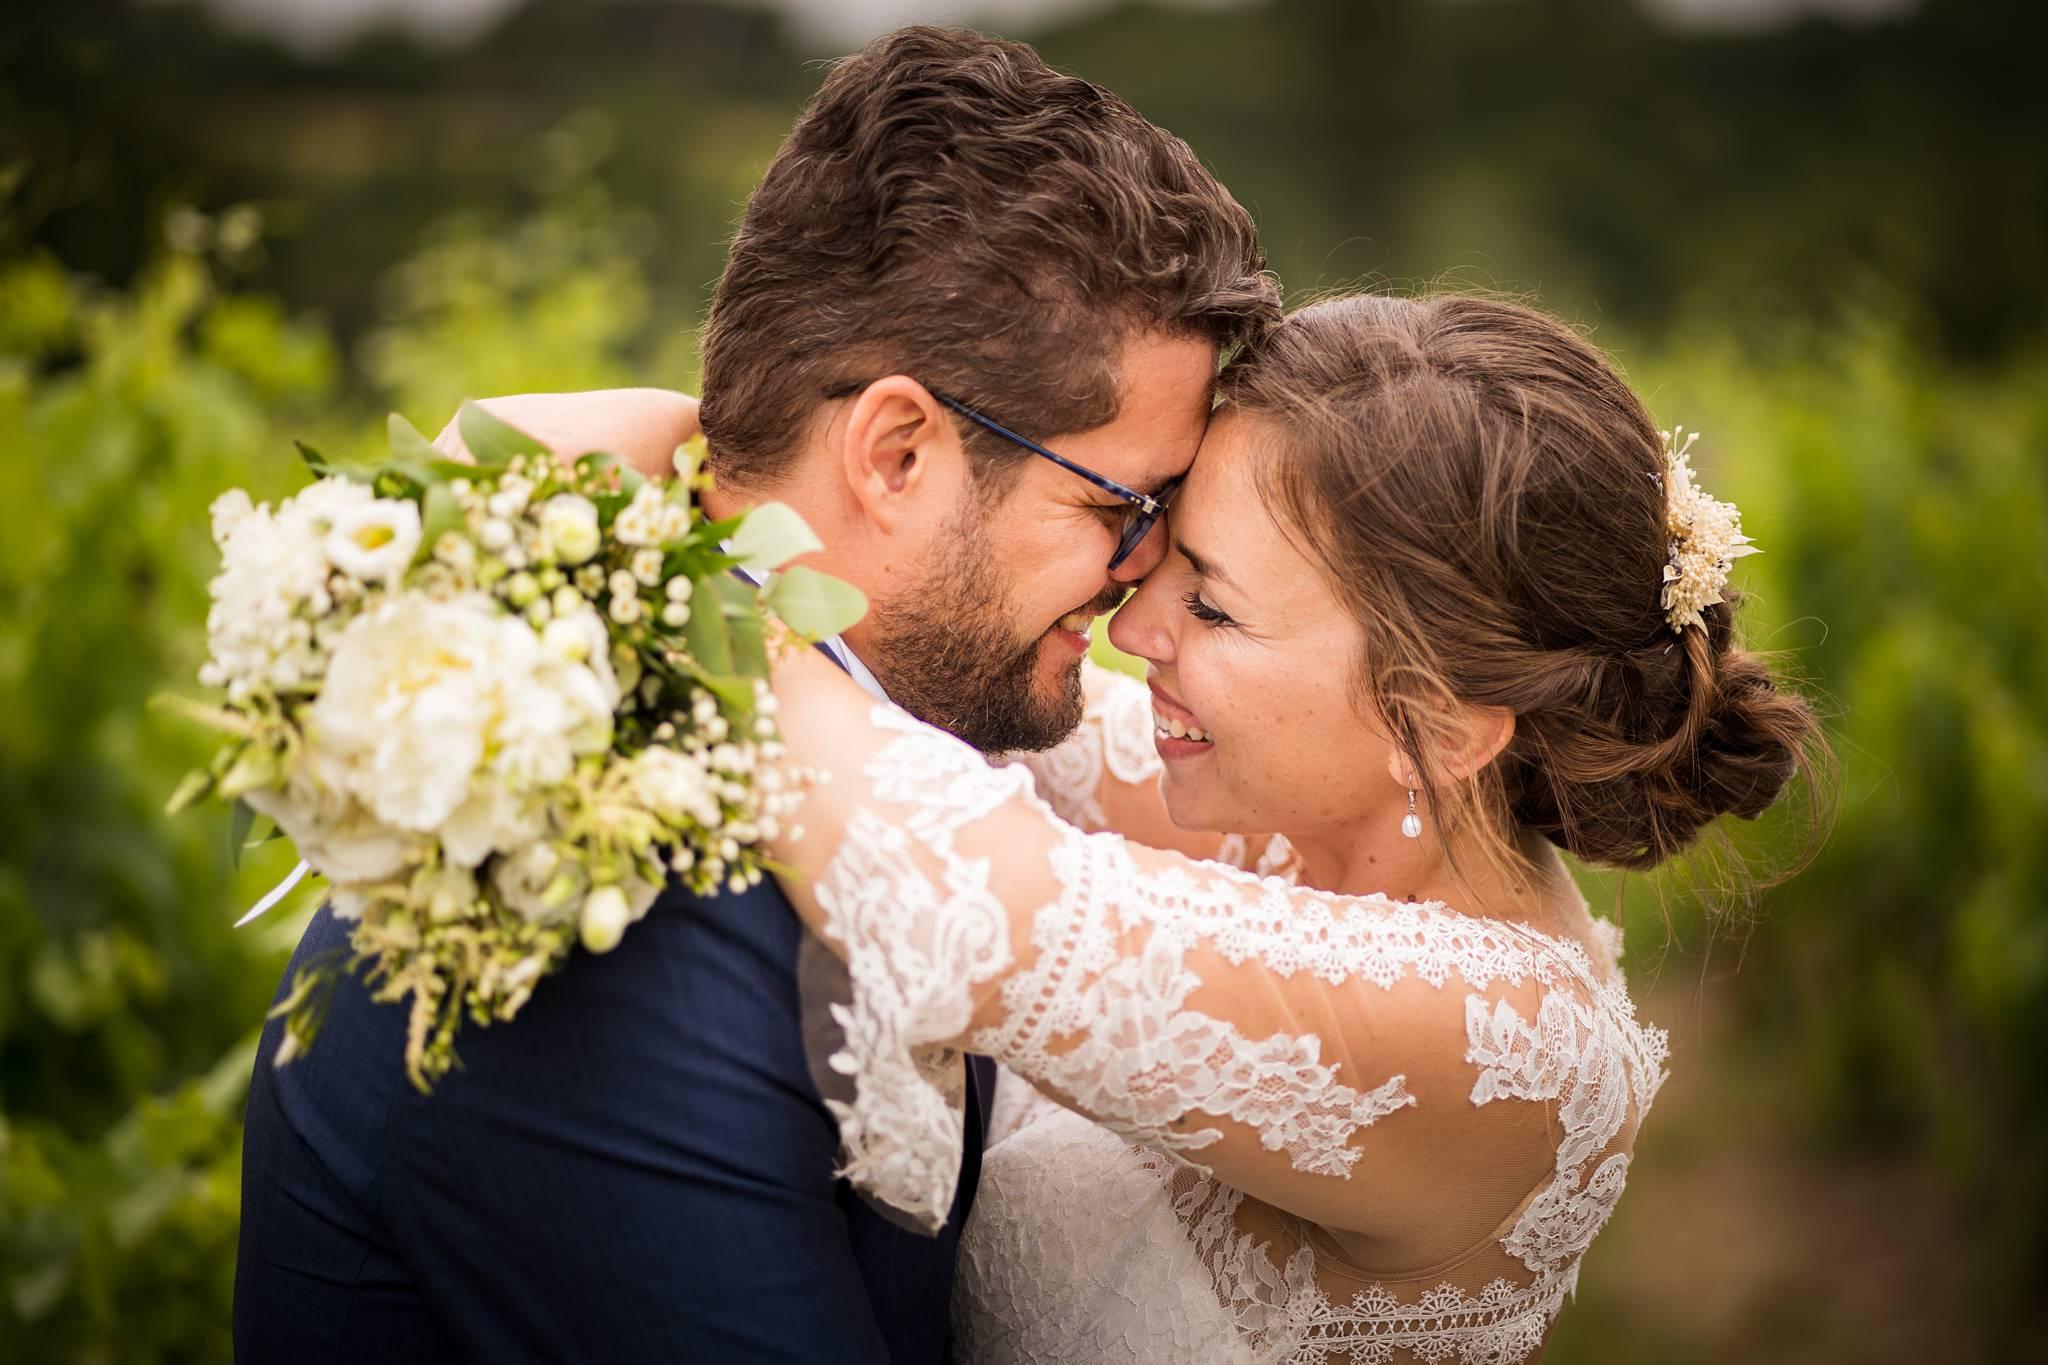 Le teaser du mariage civil et religieux de M+F à Salleboeuf puis au Château de La Loubière à Bonnetan. Alexandre Roschewitz Photographe Mariage.